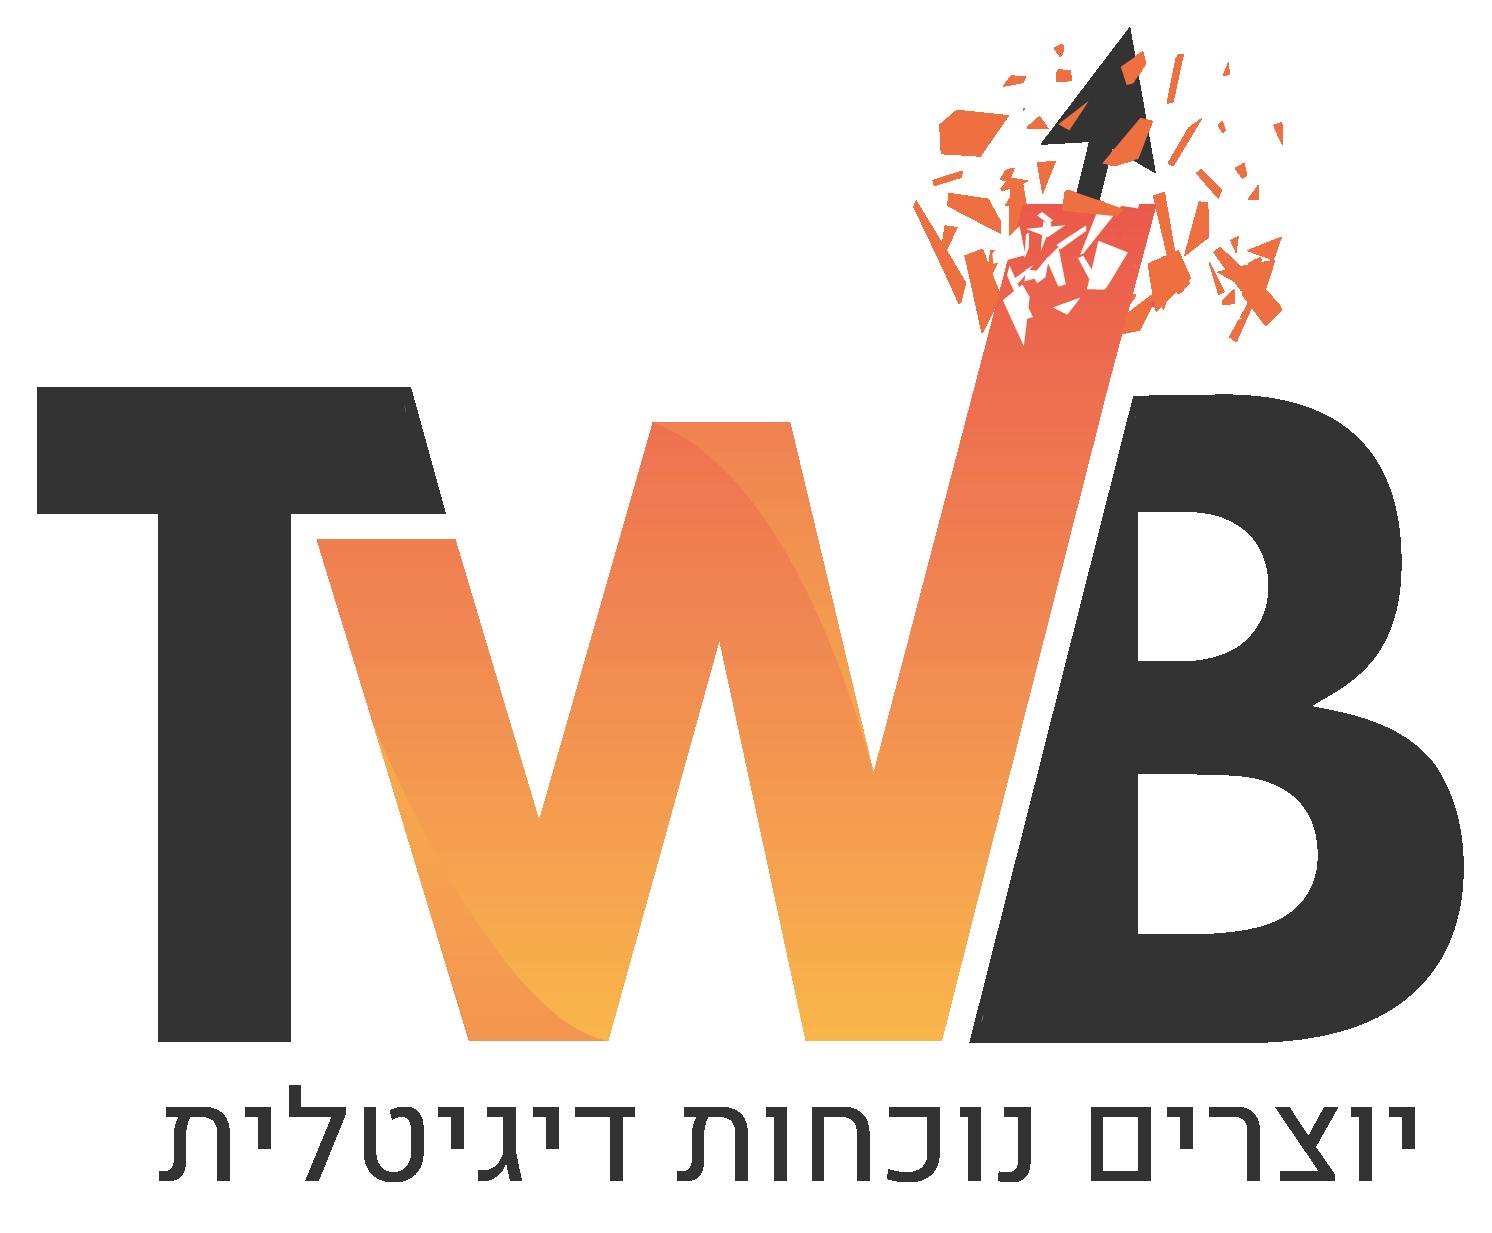 TWB Digital